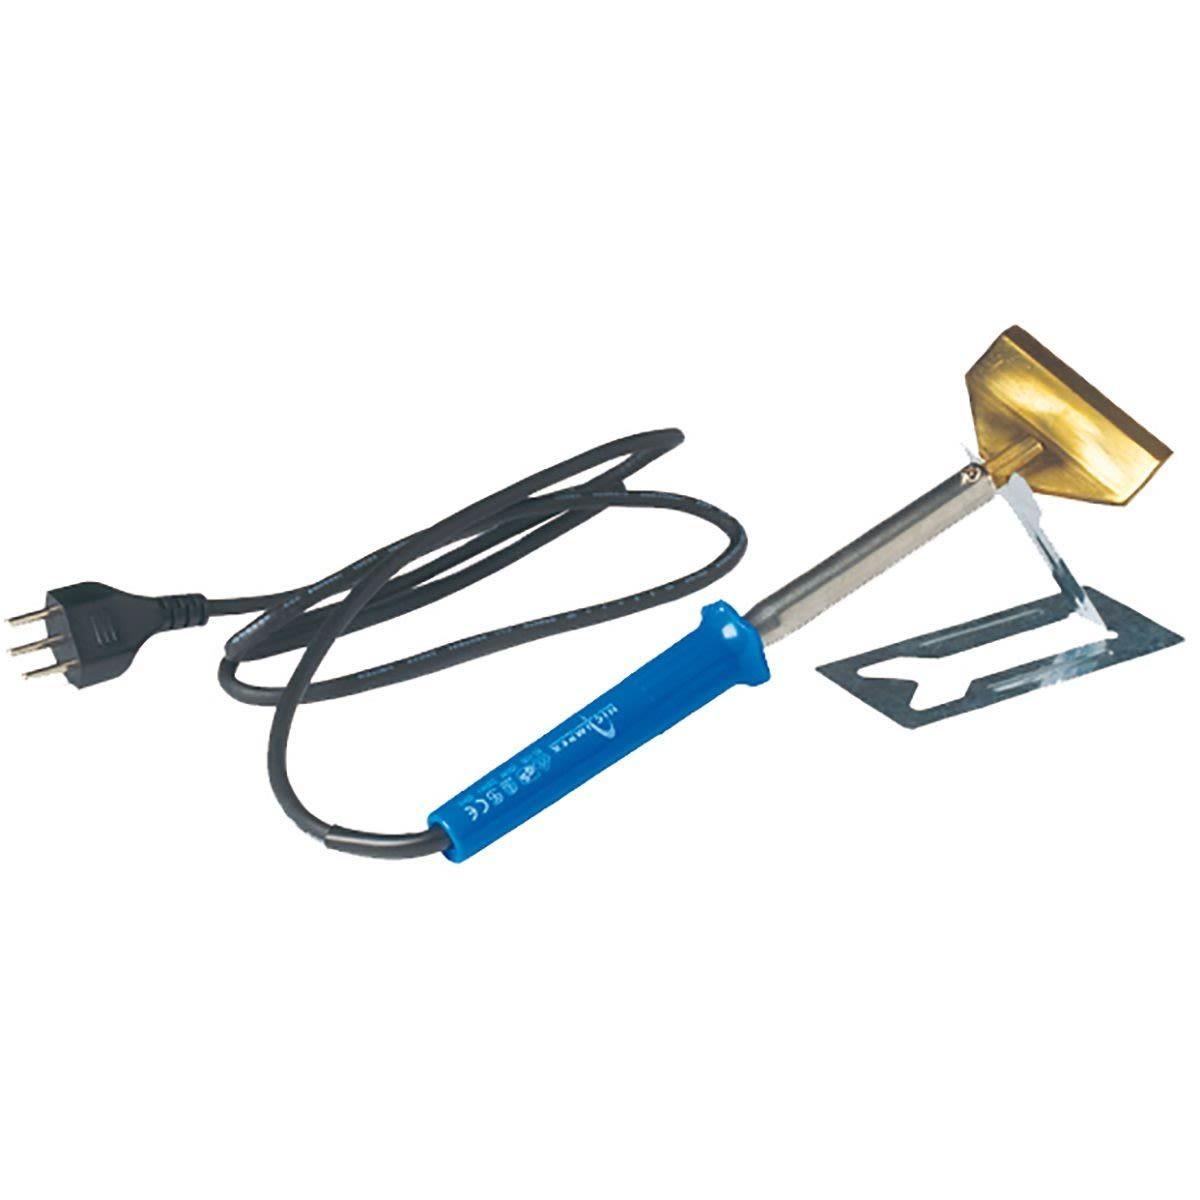 Colltex Lötkolben MIt Spachtelaufsatz Blau, Ski & Tourenski, One Size